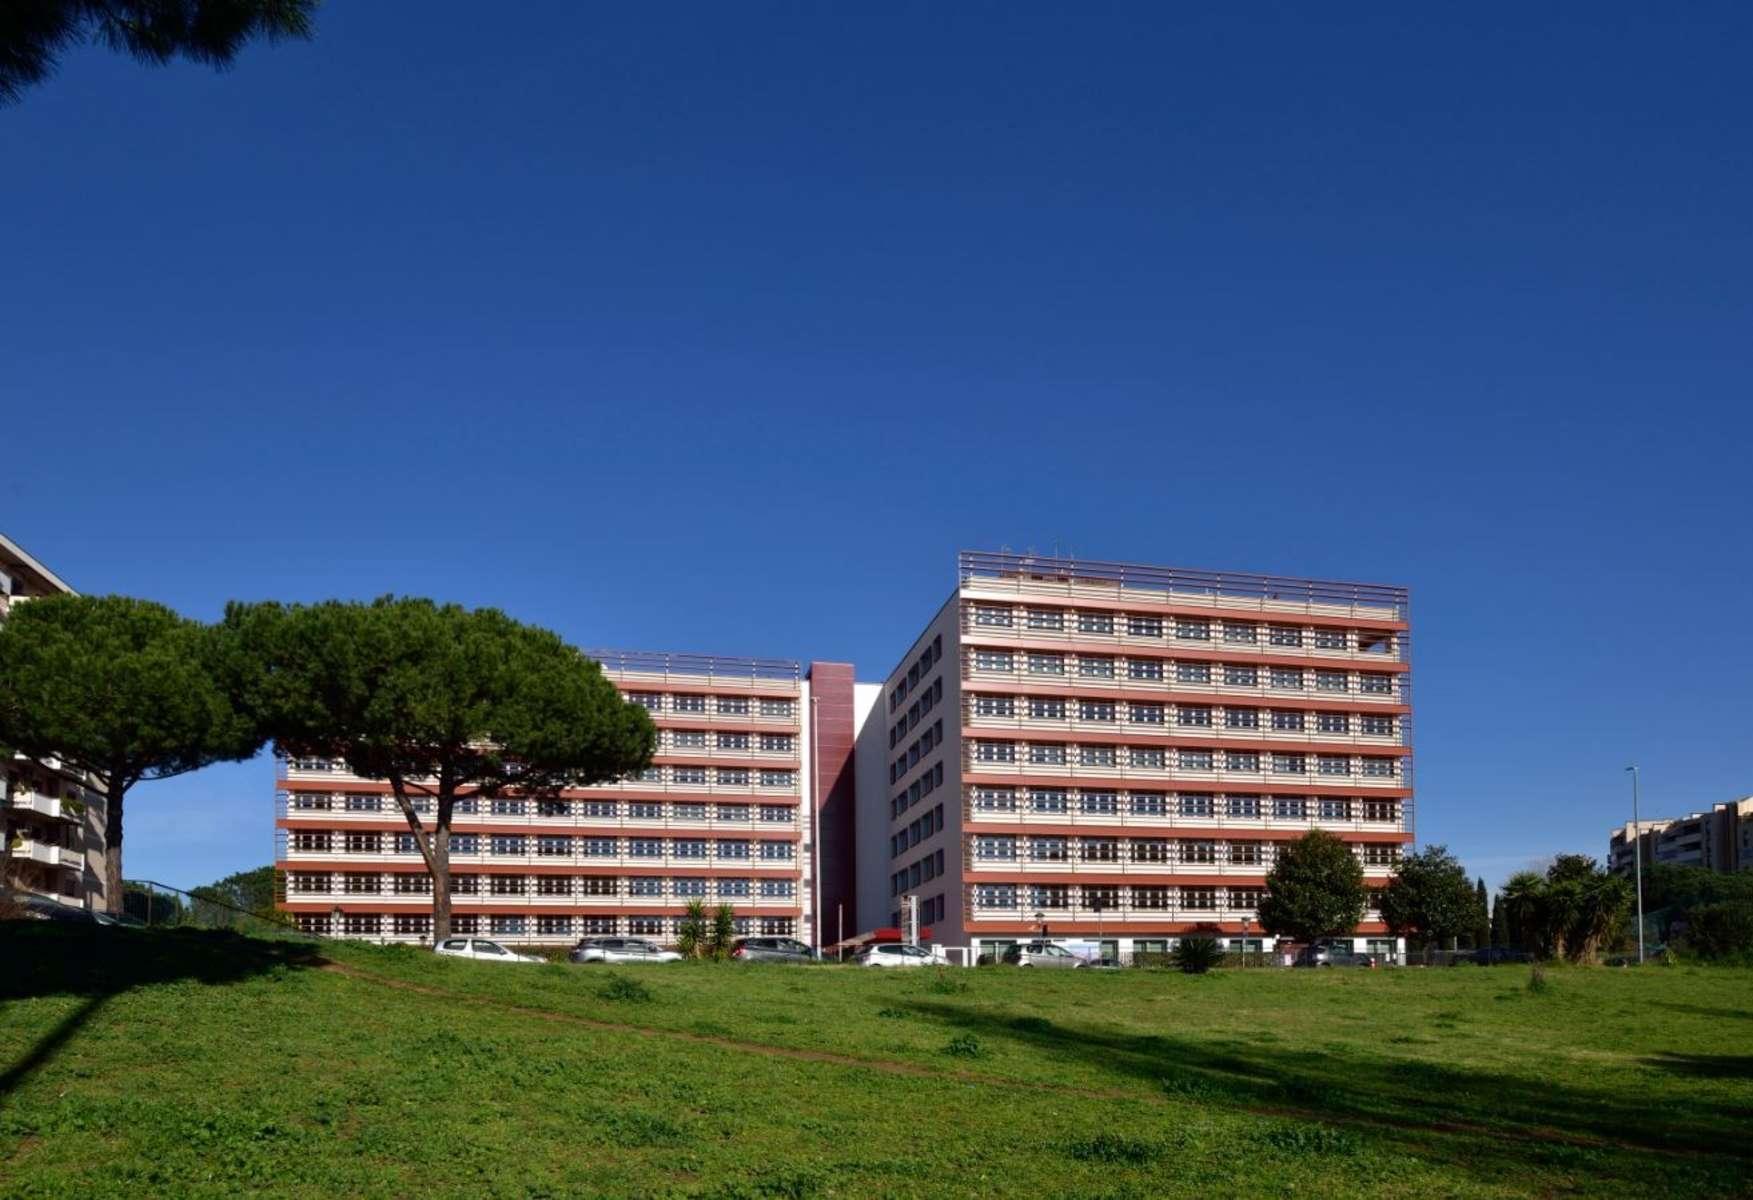 Via vittorini 129 uffici immobili per in locazione jll for Uffici temporanei roma termini